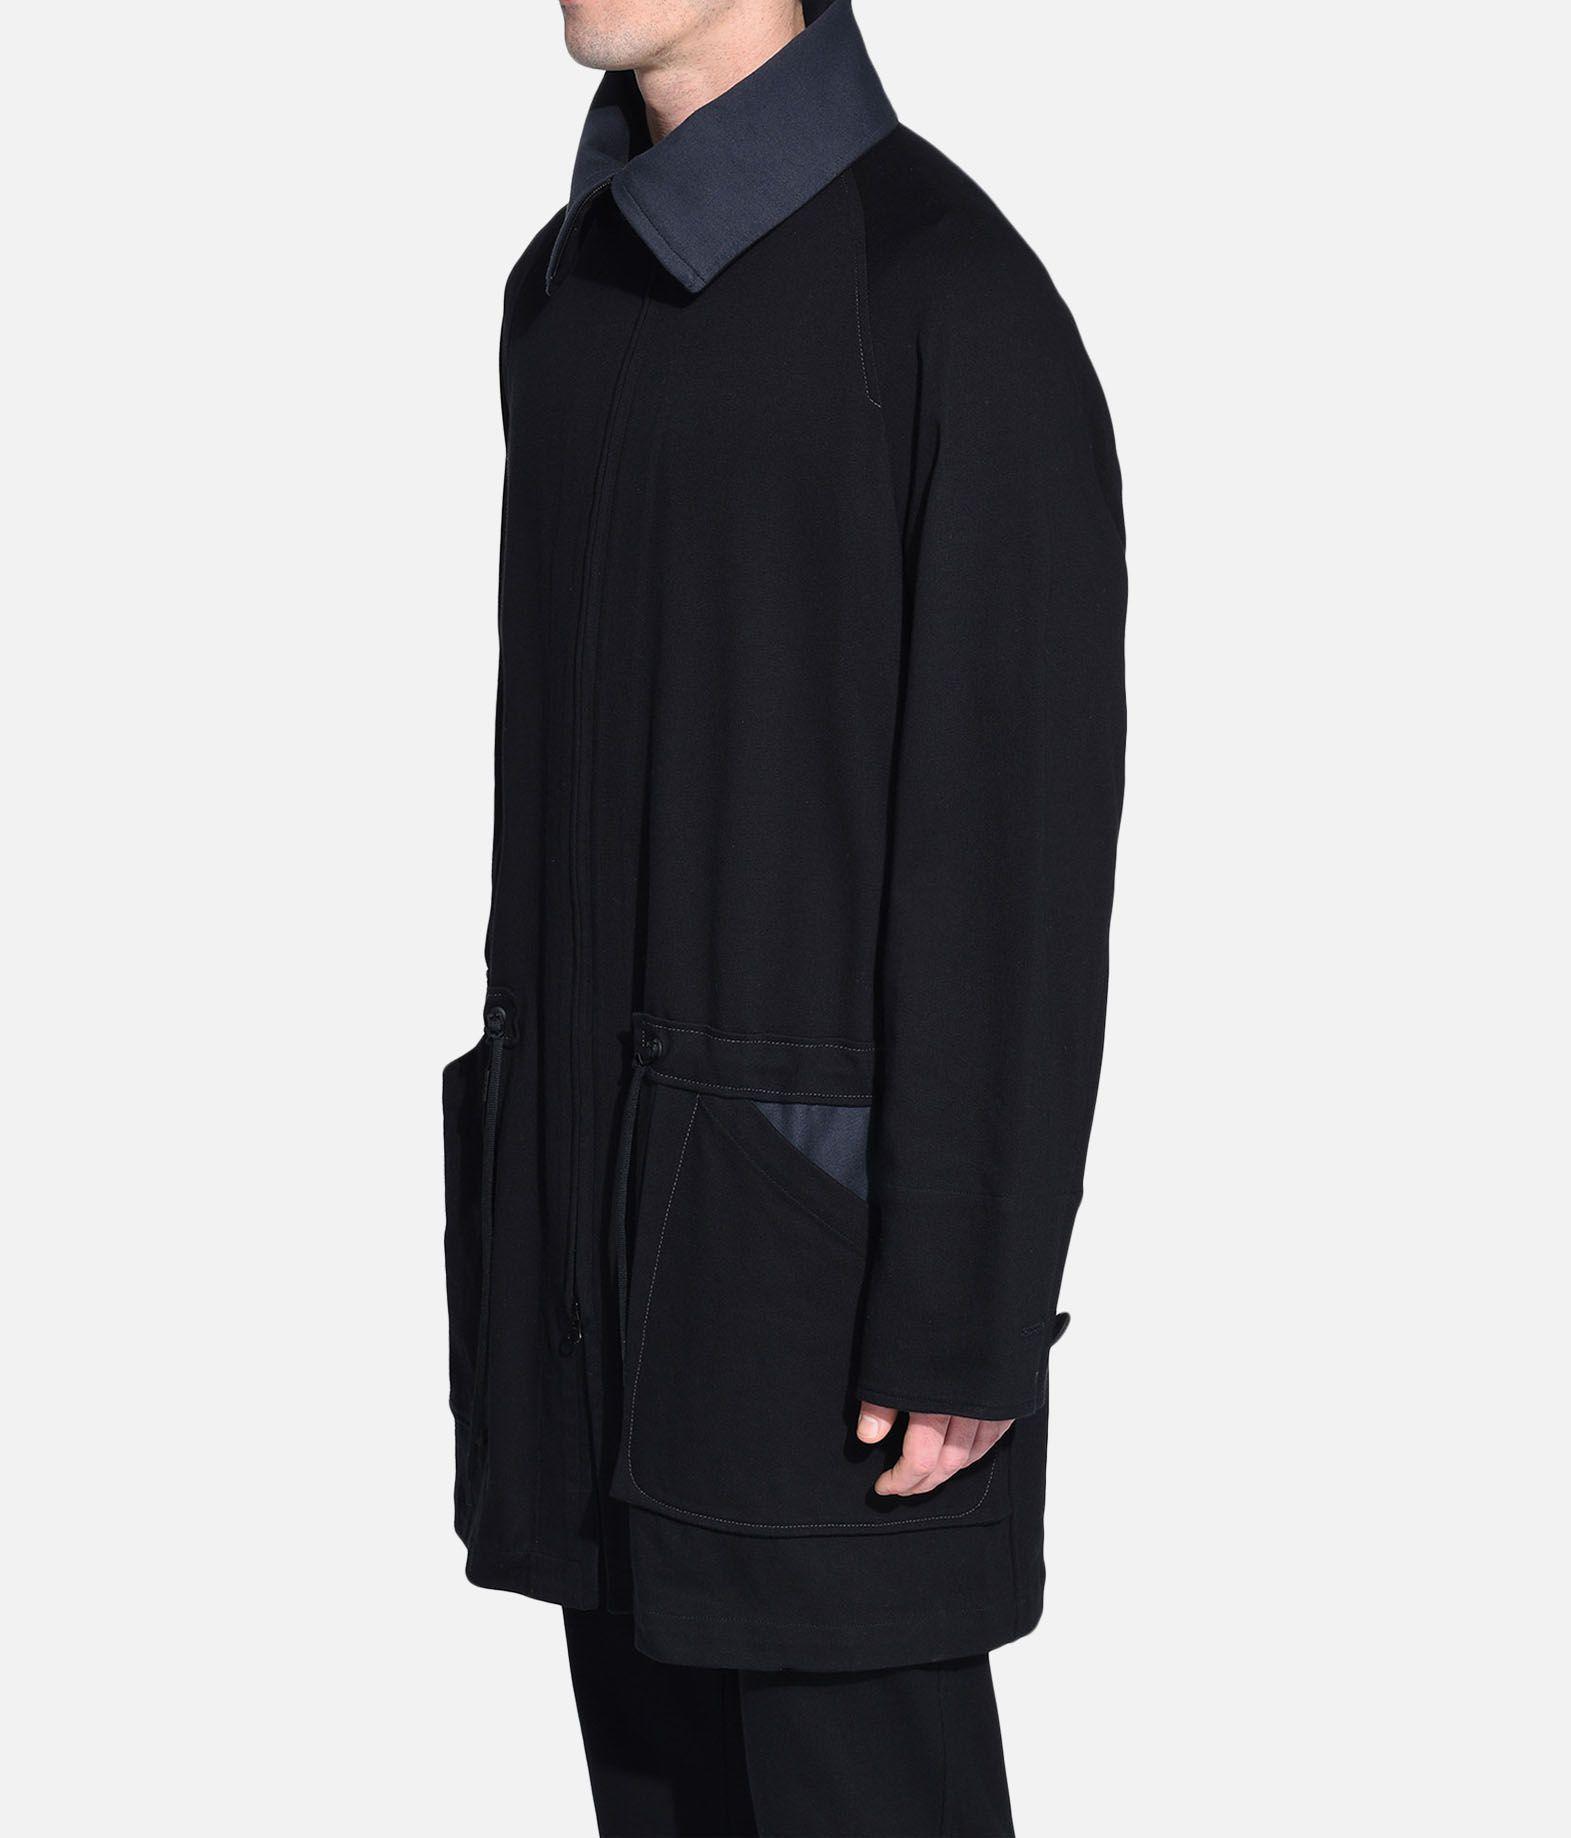 Y-3 Y-3 Long Utility Sweater スウェットブルゾン メンズ e